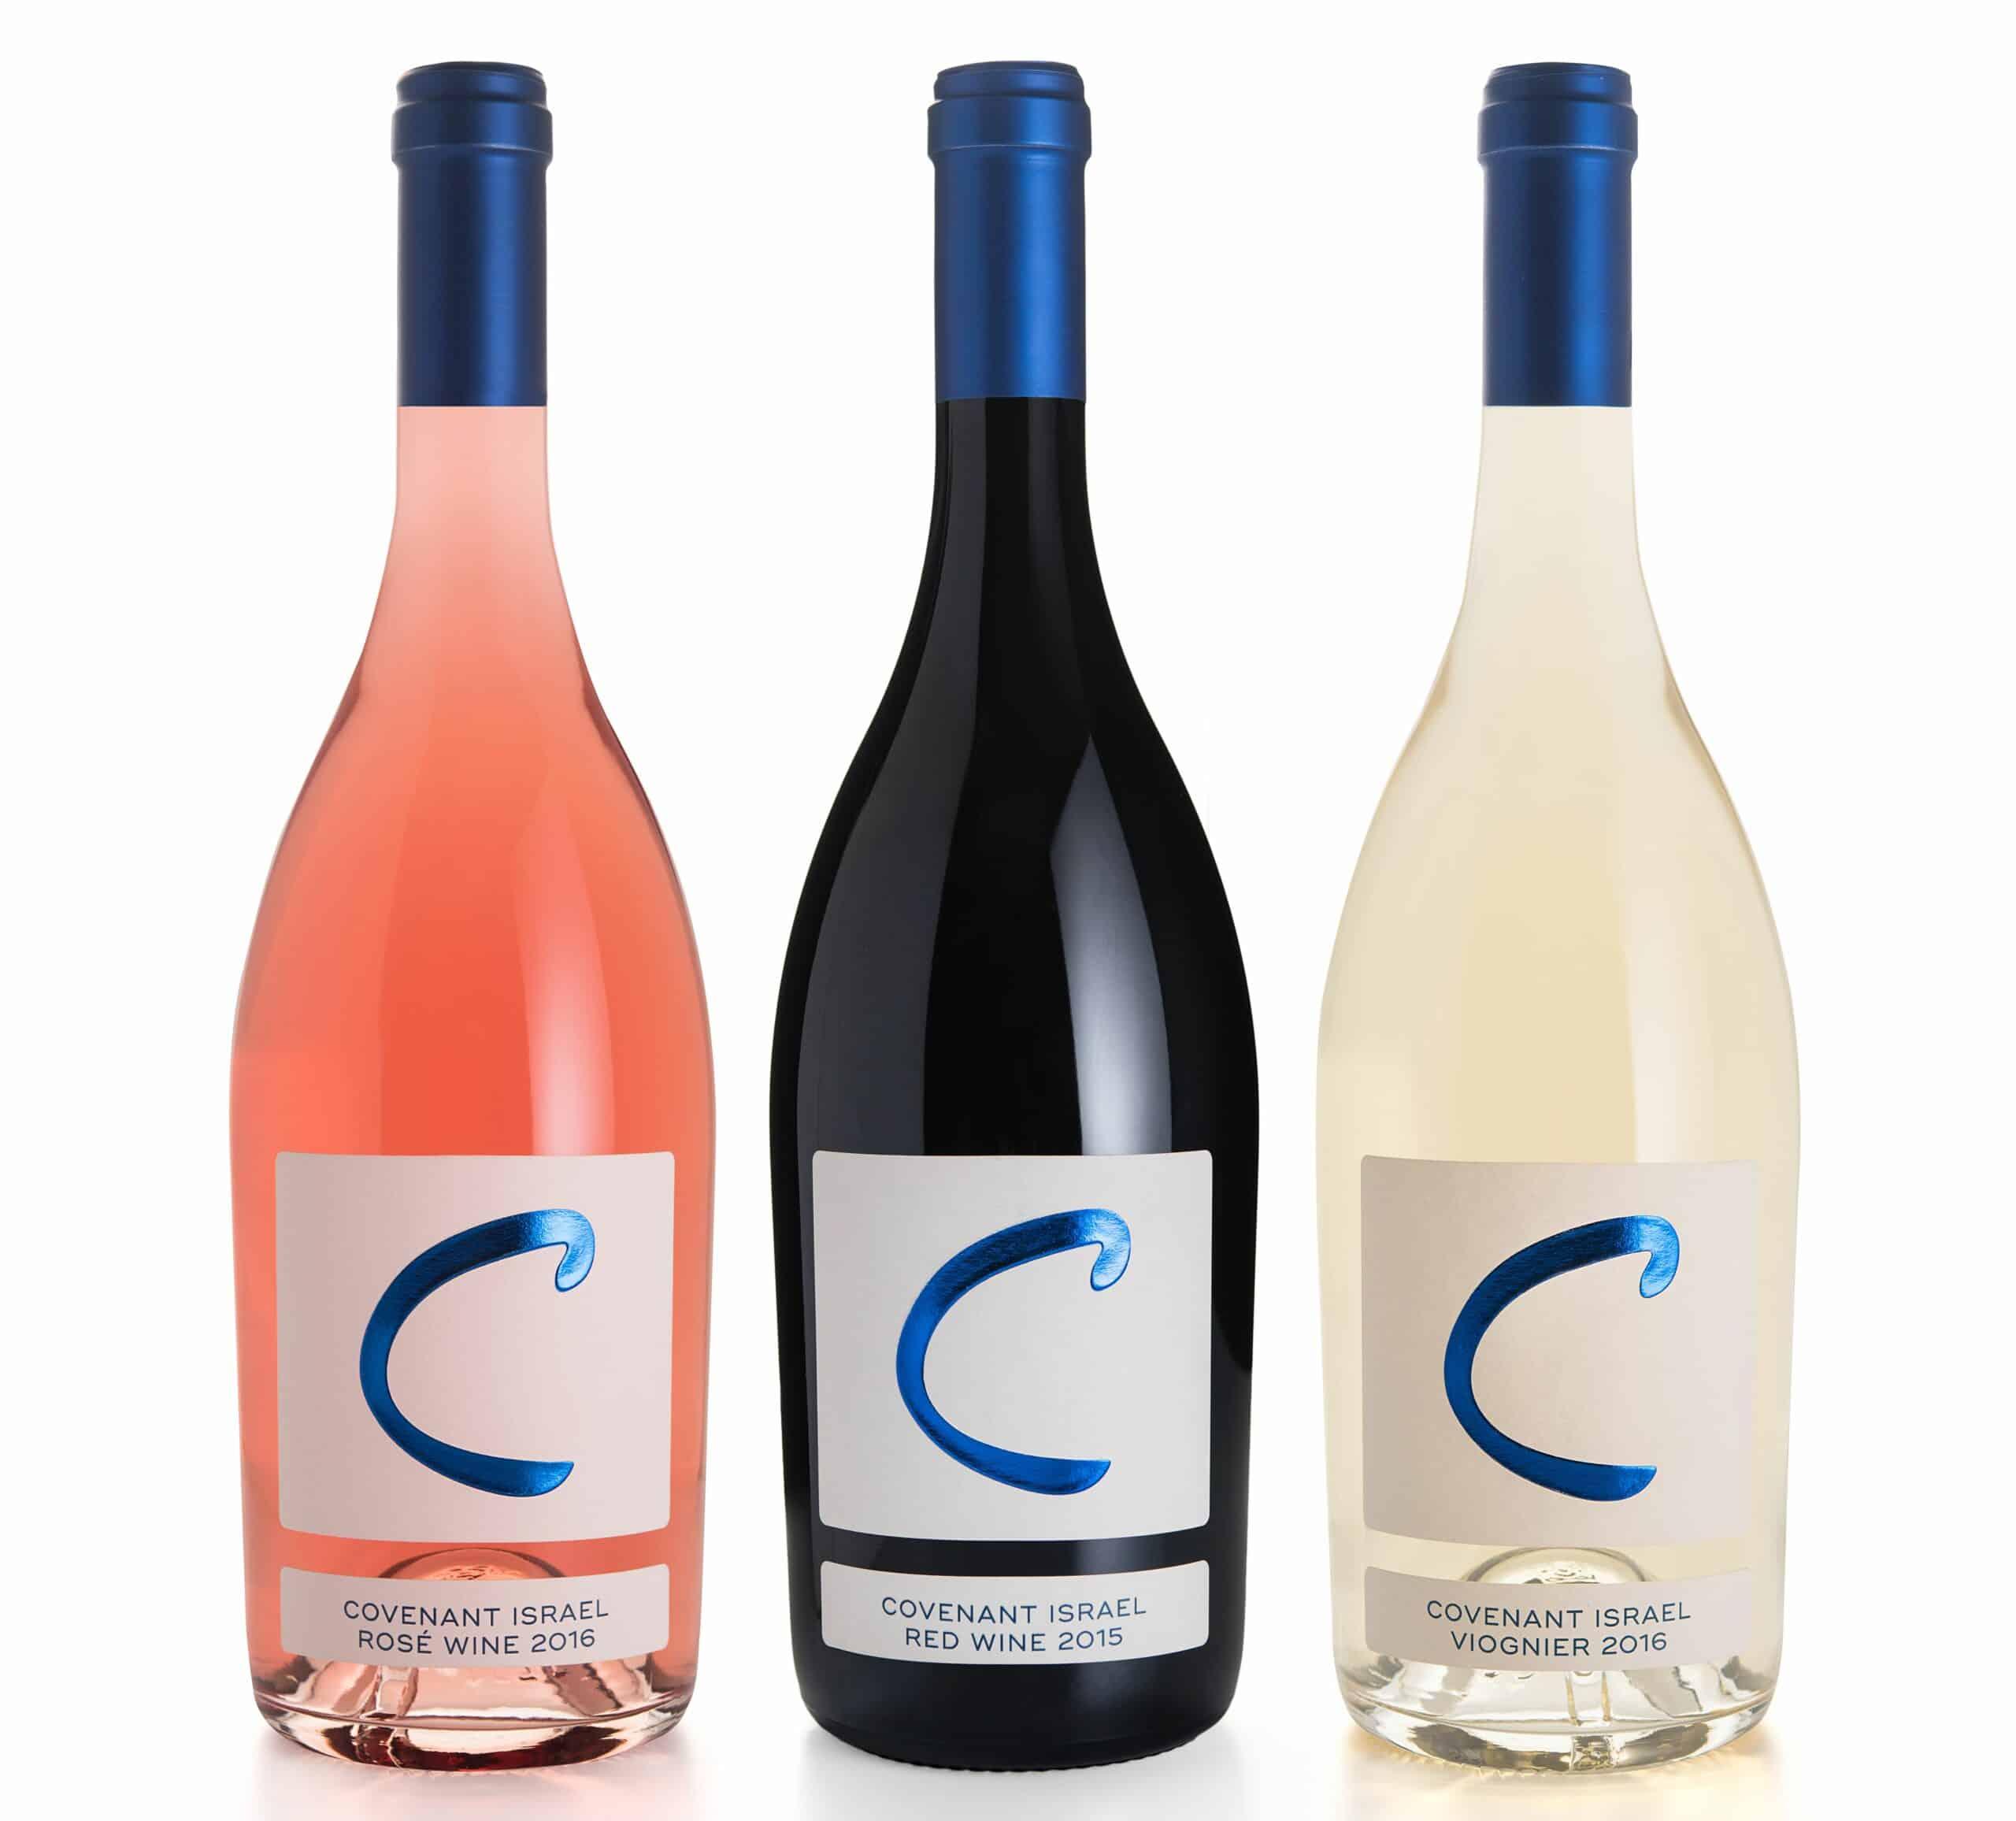 יינות שגרמו להרים גבה והפתיעו בגדול בעת הטעימה שלהם